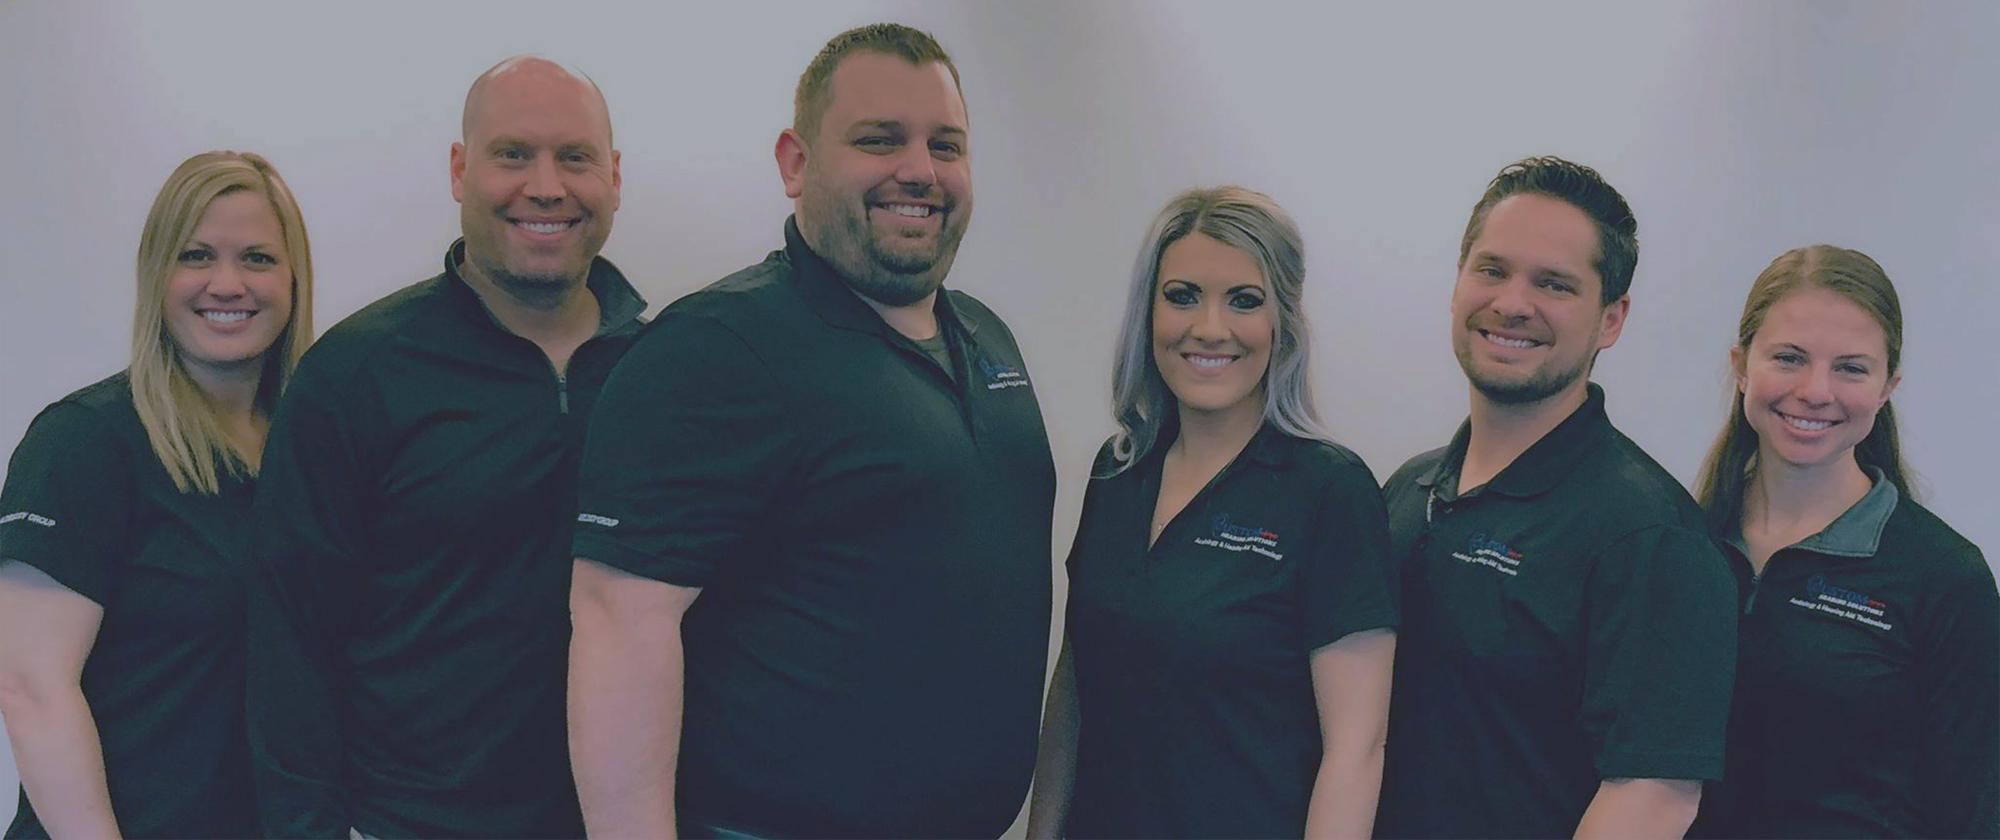 hearing healthcare professionals in nebraska